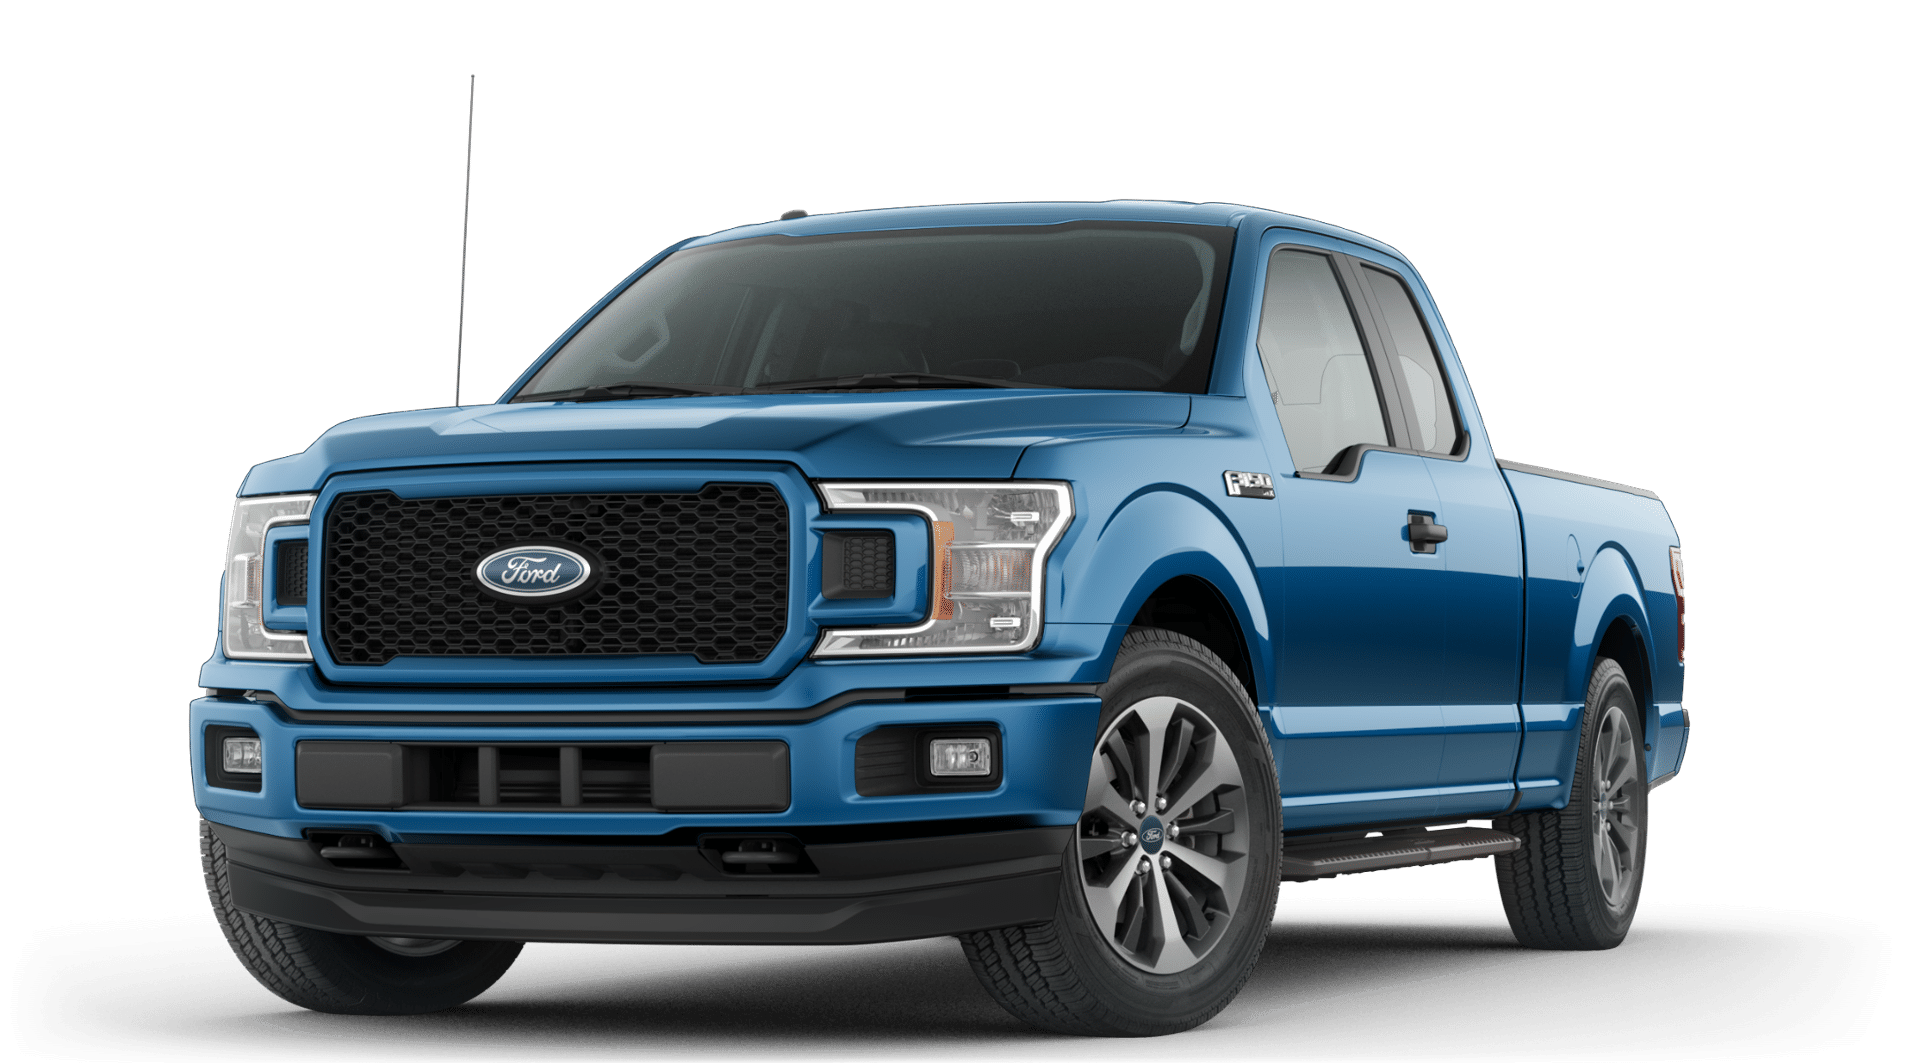 2019 F 150 Velocity Blue Trucks Ford F150 New Trucks